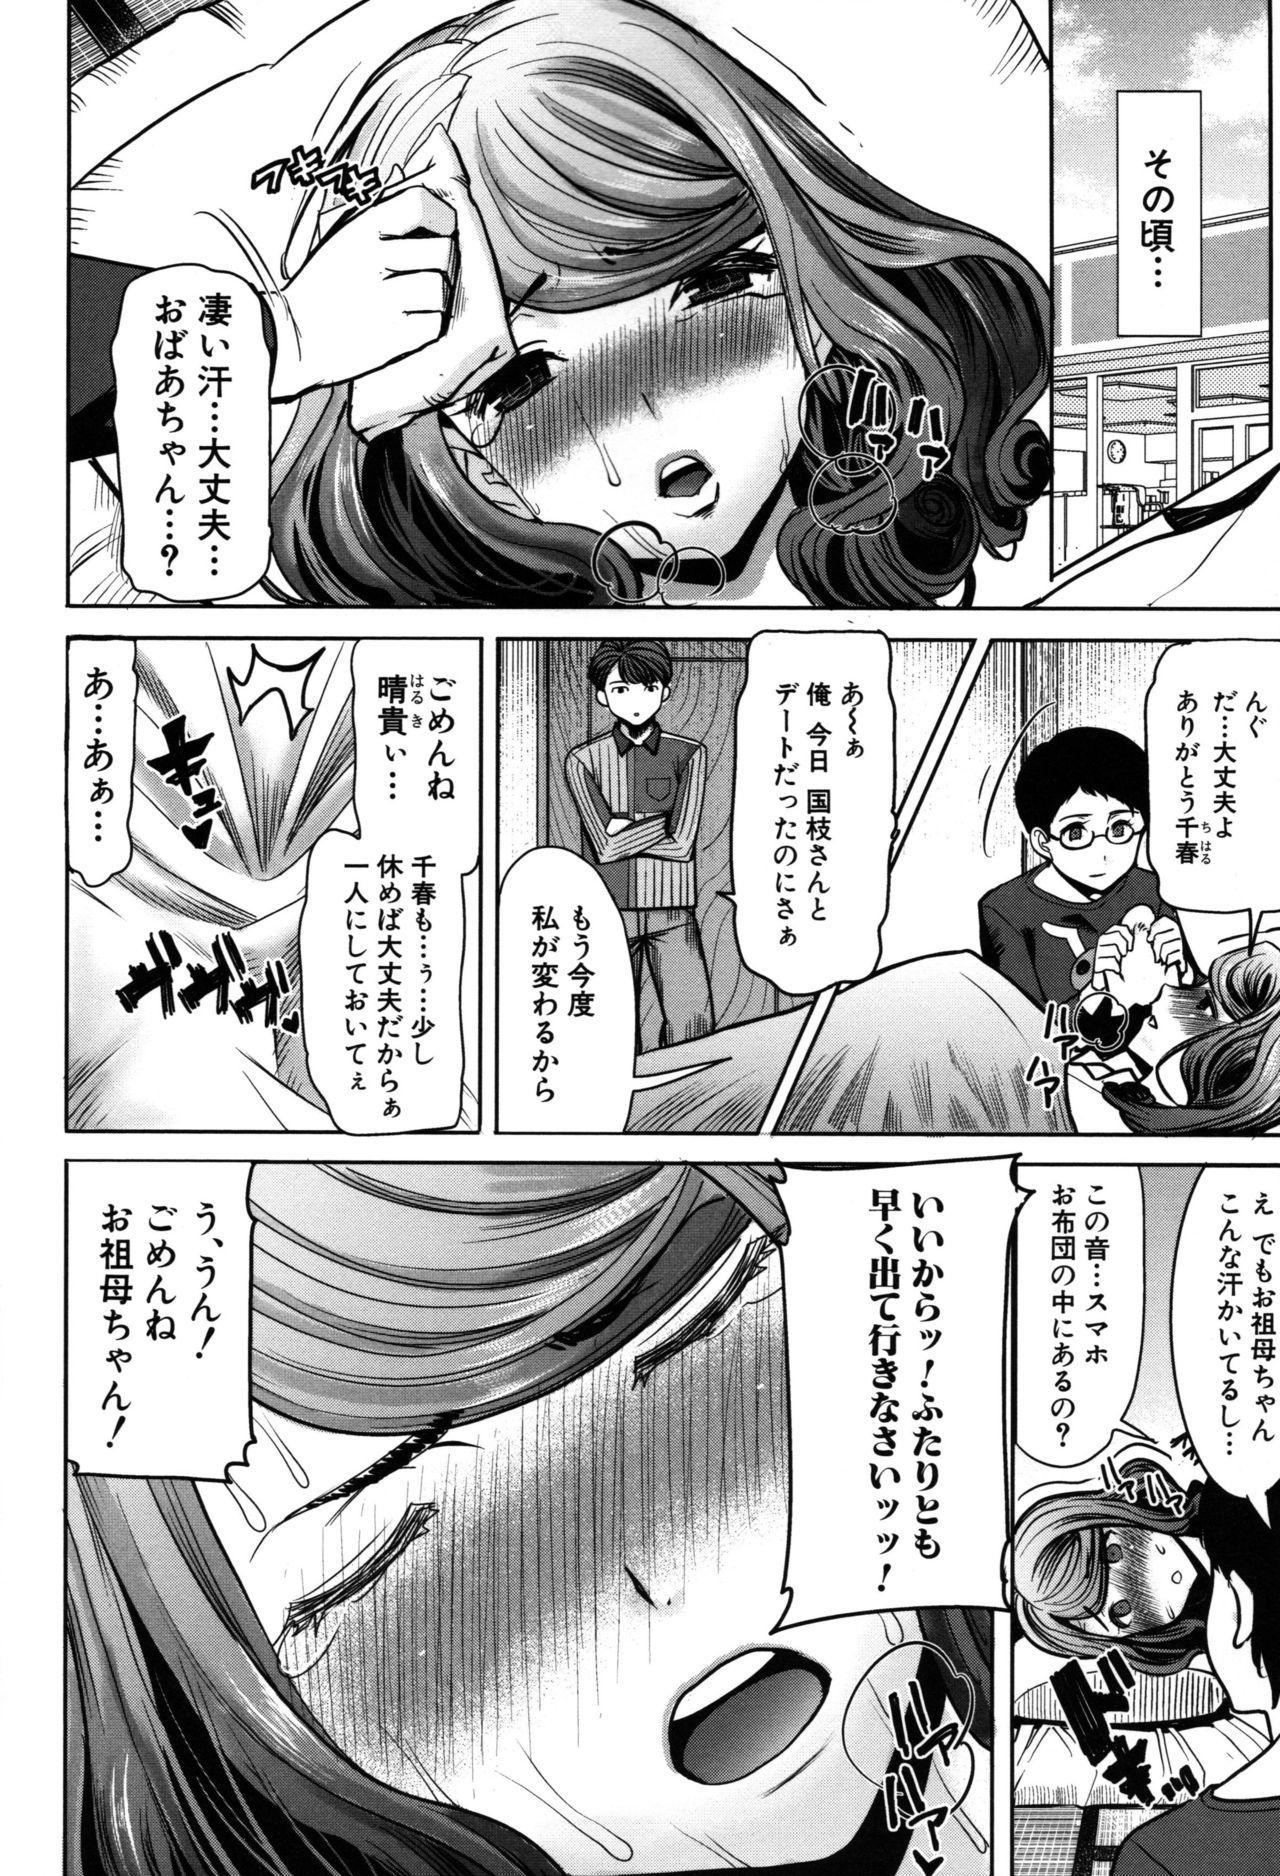 Unsweet - Asahina Ikka Netorareta Haha · Tomoko 107